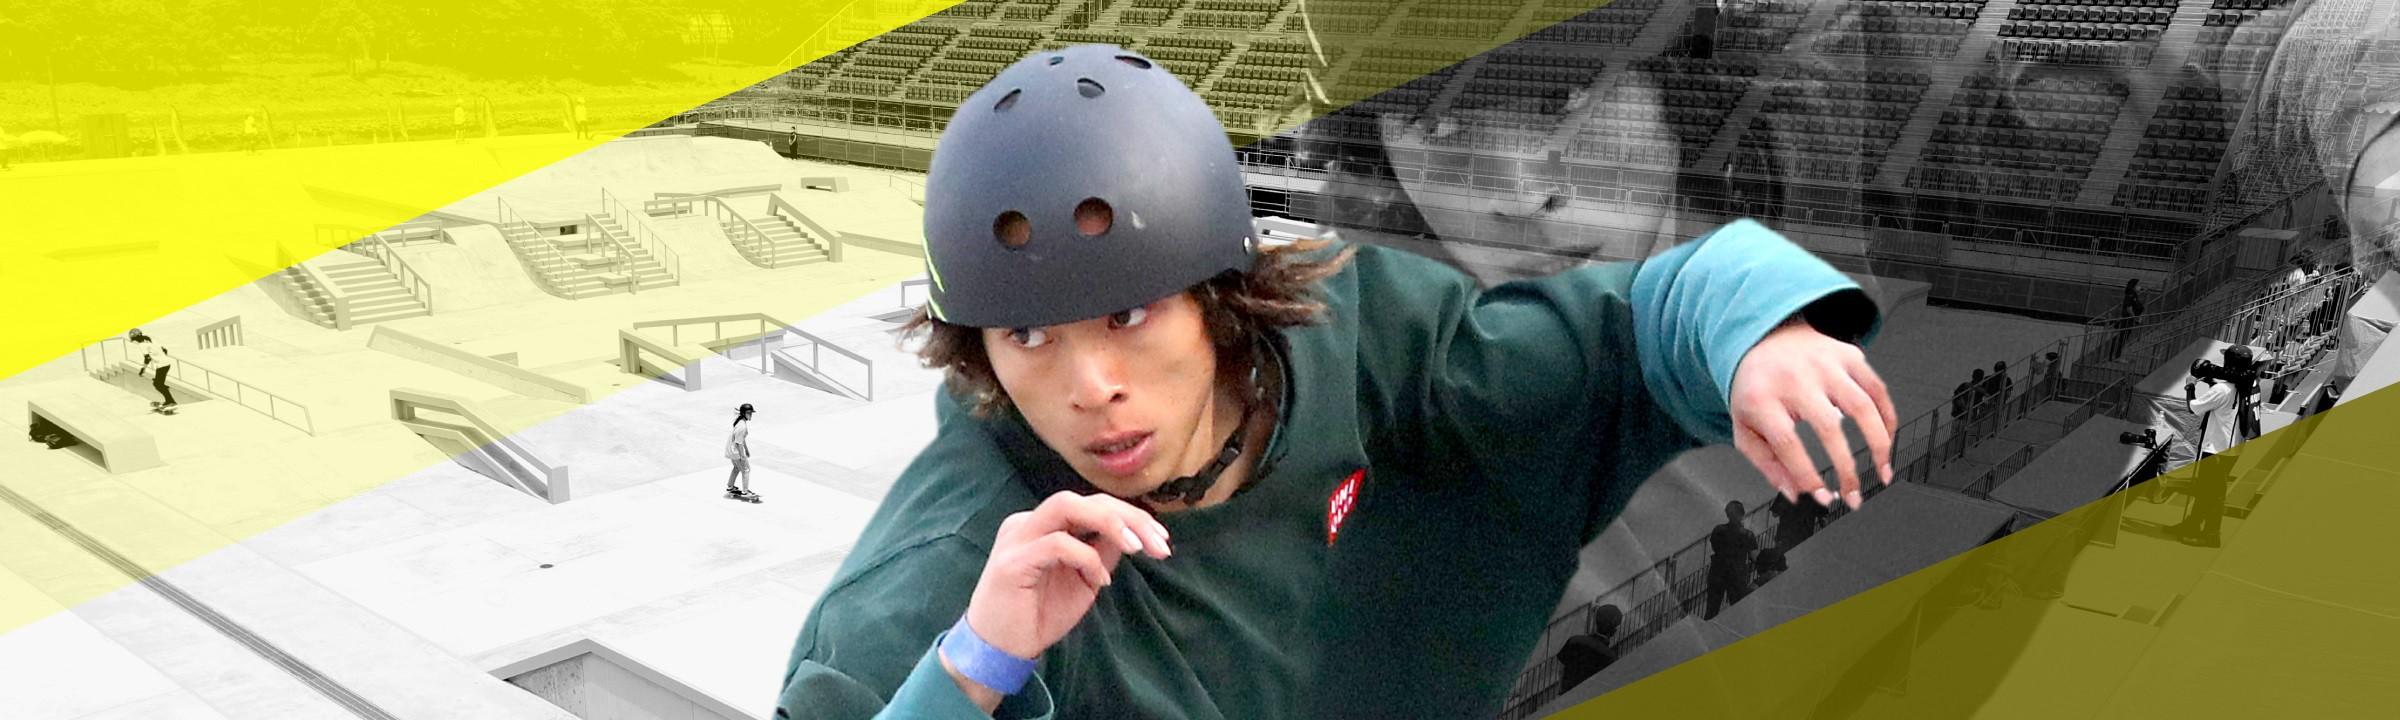 平野歩夢(スケートボード)|東京オリンピック